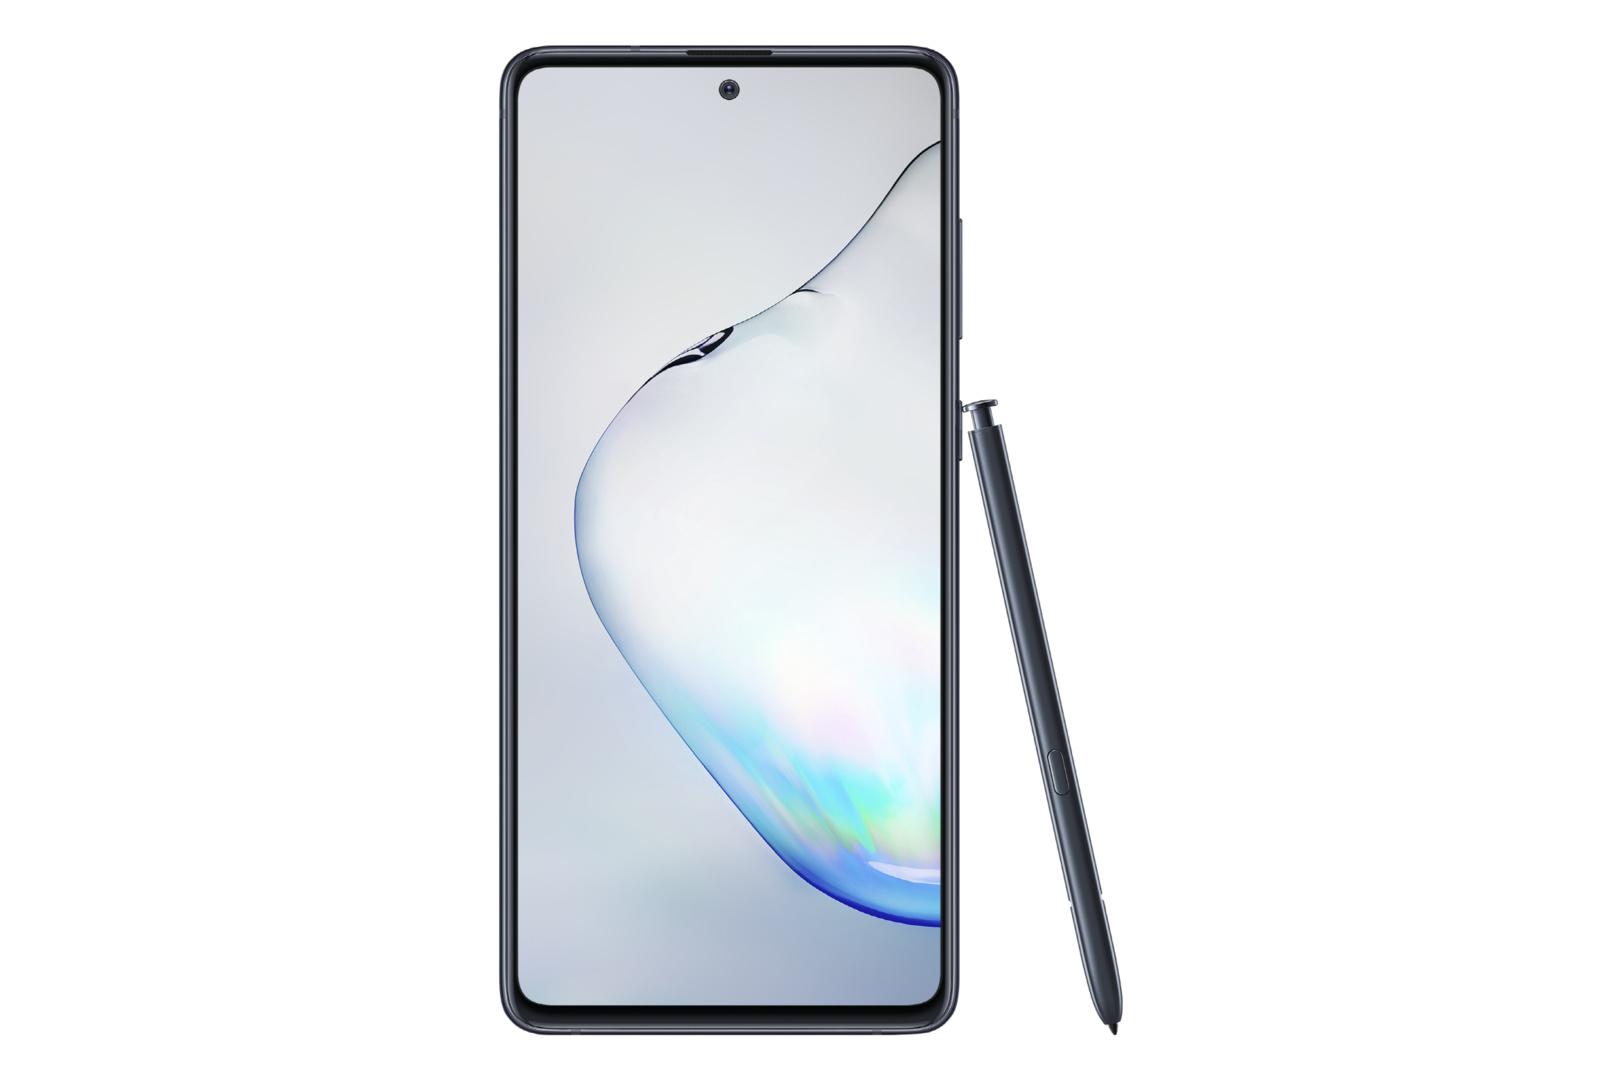 Galaxy Note 10 Lite in Aura Black